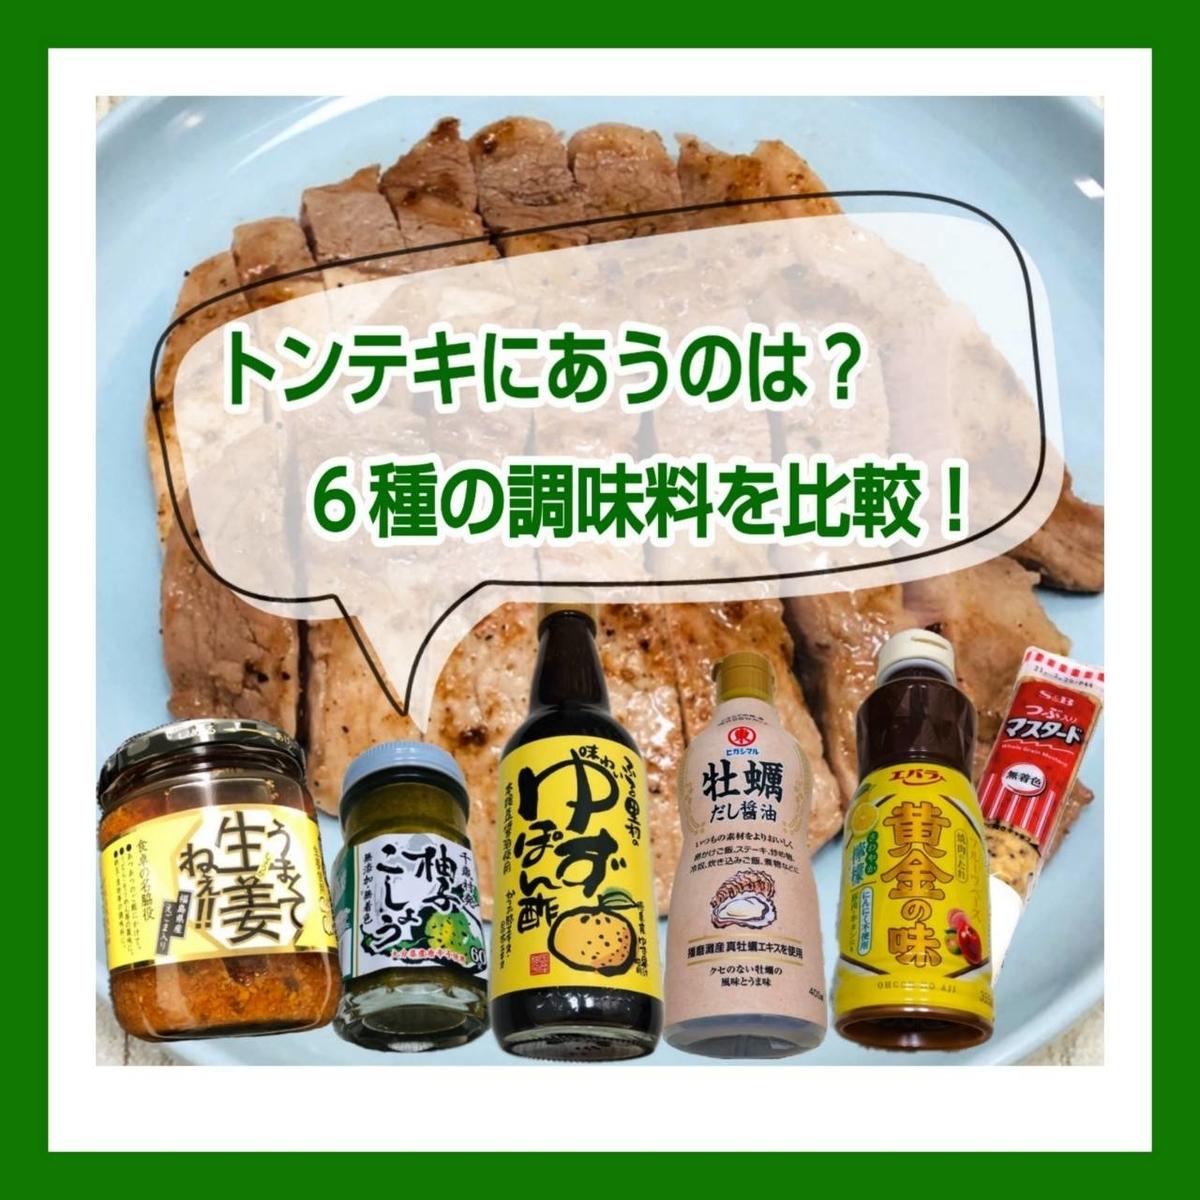 トンテキ ソース タレ 6種類 LIFE